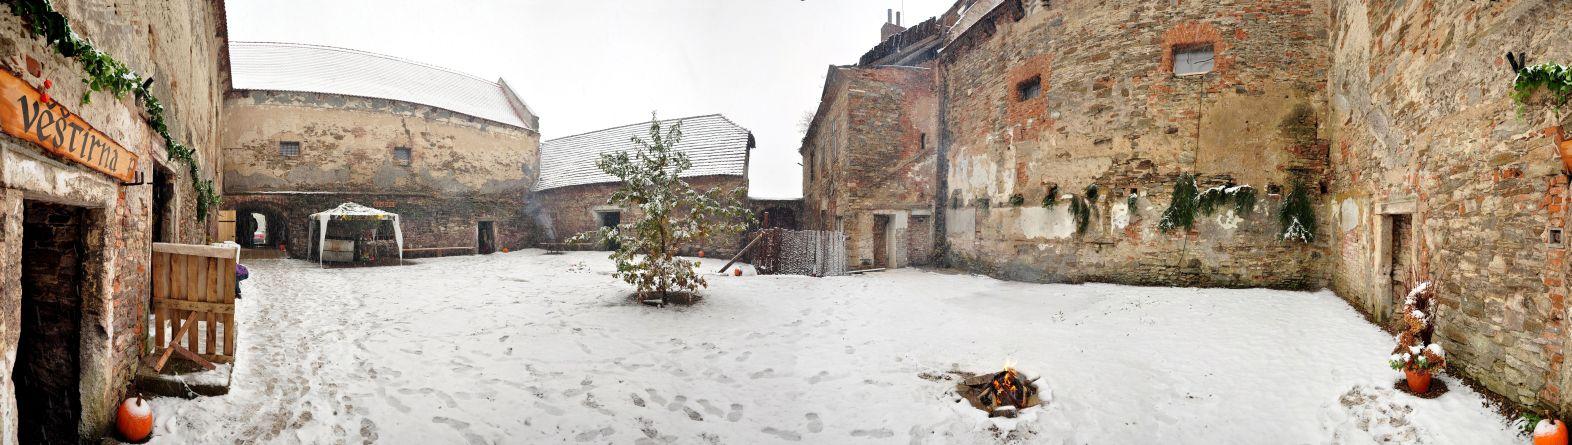 Nádvoří tvrze na podzim roku 2012 - Akce Keltové natvrzi